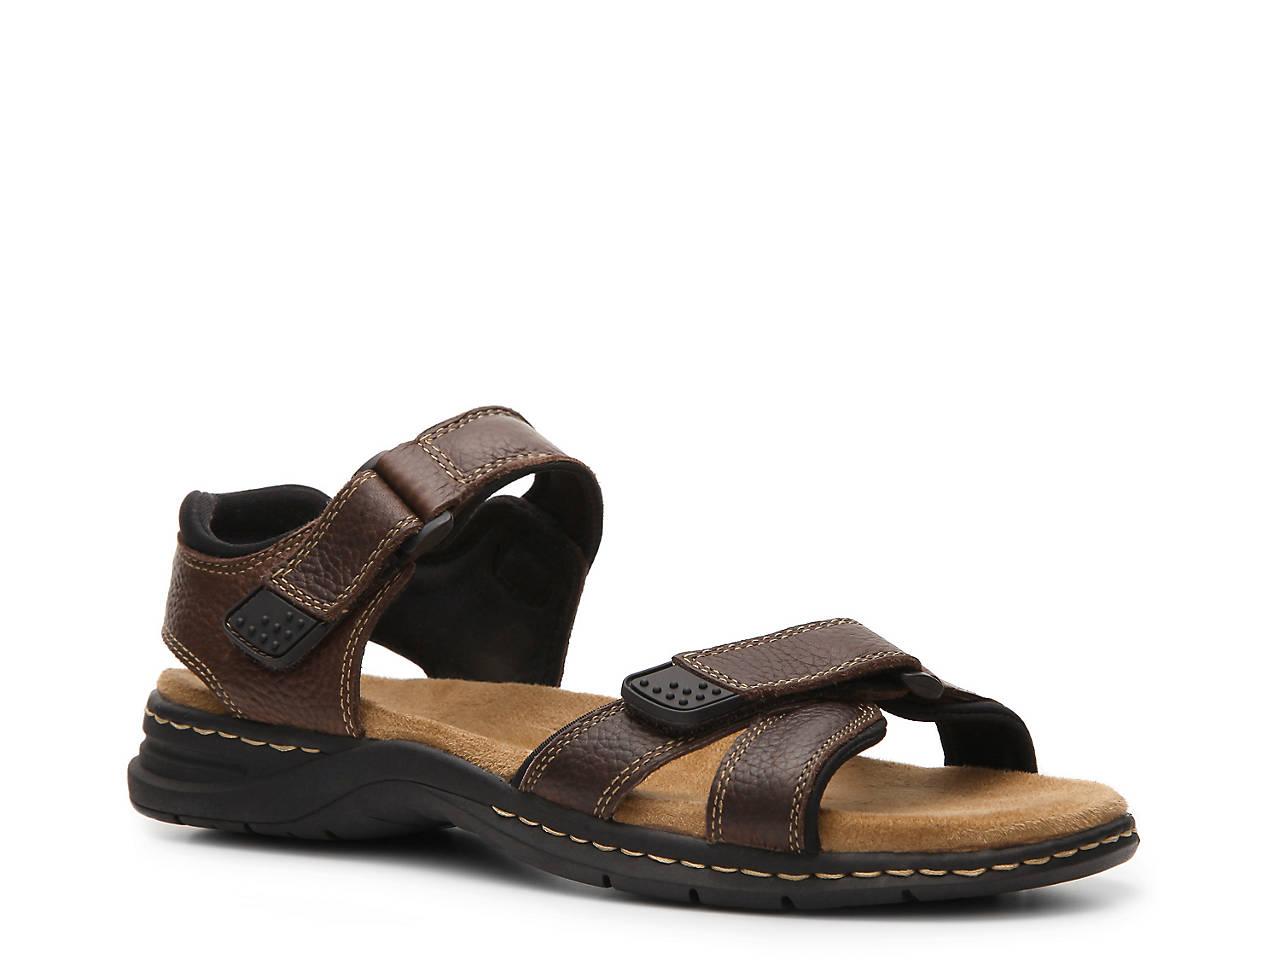 d480bcf5f325 Dr. Scholl s Gus Sandal Men s Shoes